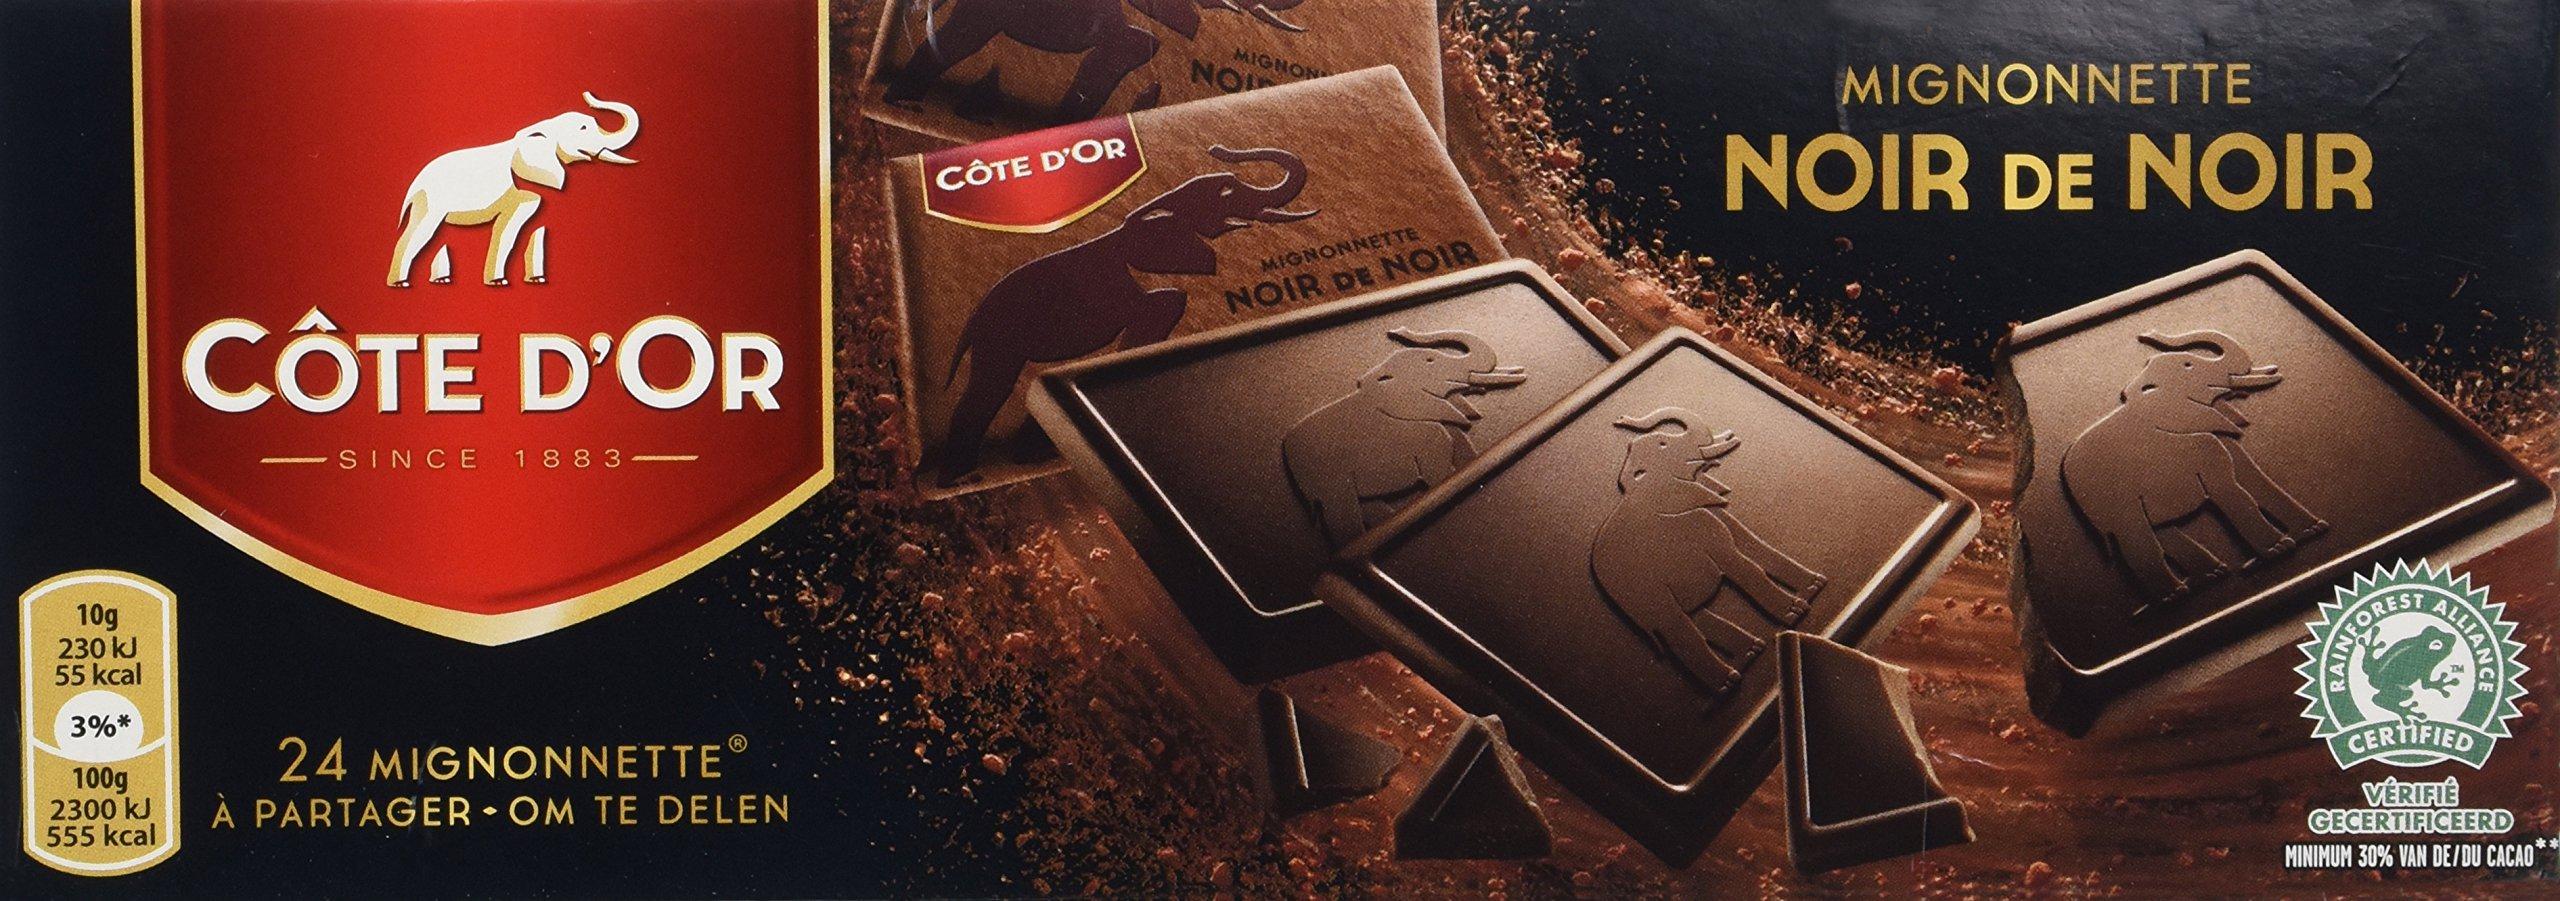 Cote d'Or - Mignonnette Extra Dark Chocolate (54% cacao) (Premium Belgium Chocolate) (8.5 Oz.)